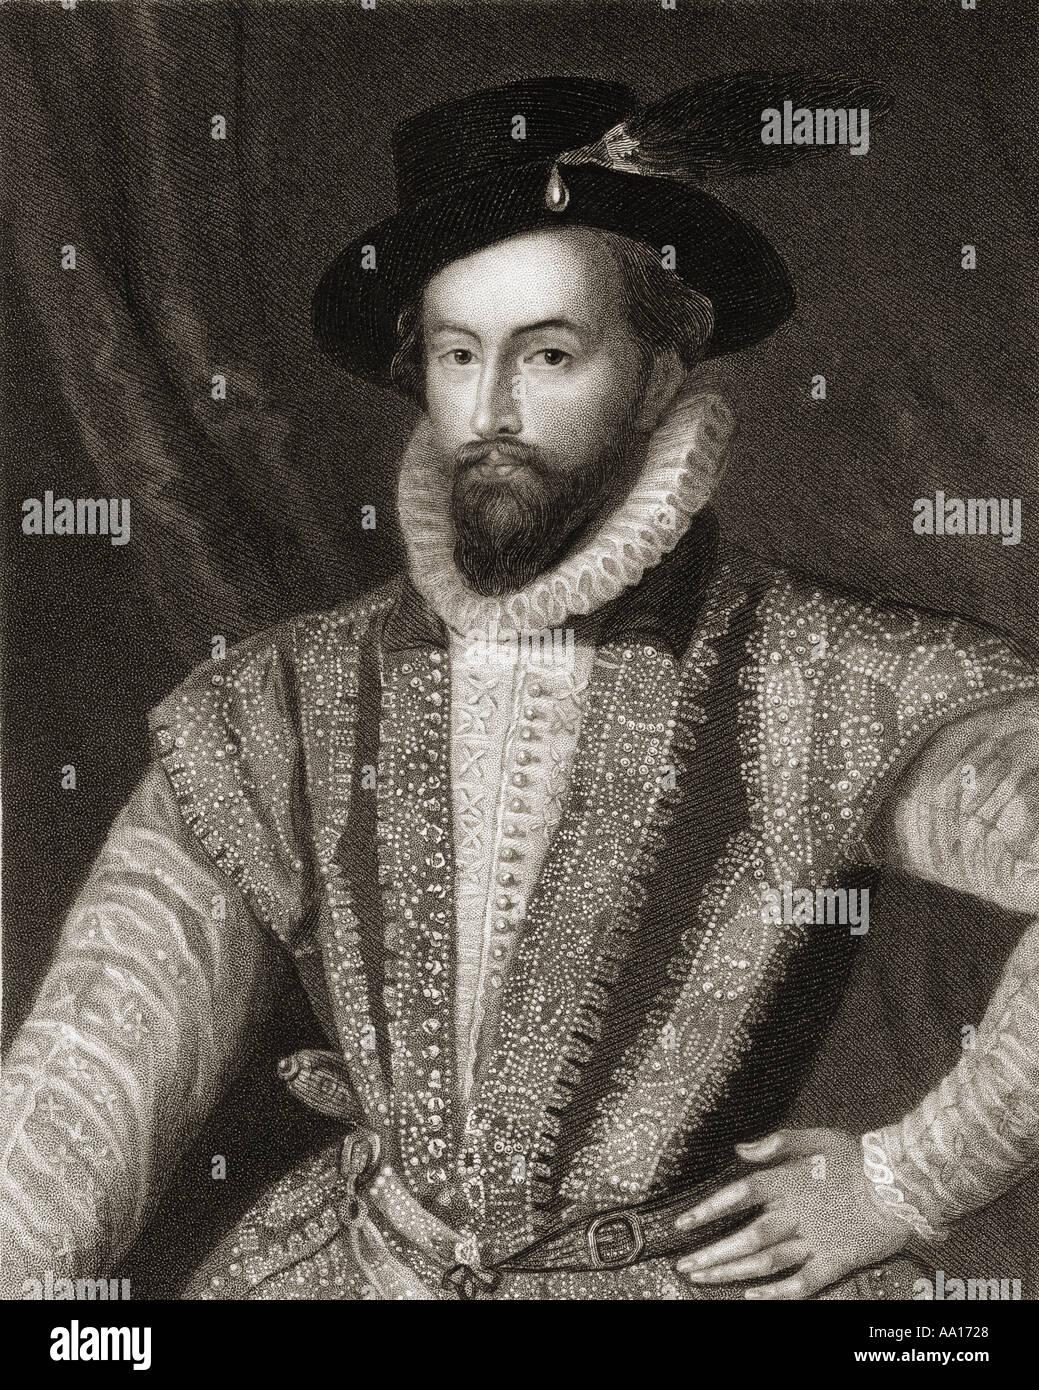 Sir Walter Raleigh, c 1554 - 1618. Inglés aterrizó caballero, escritor, poeta, soldado, político, cortesano, espía Foto de stock